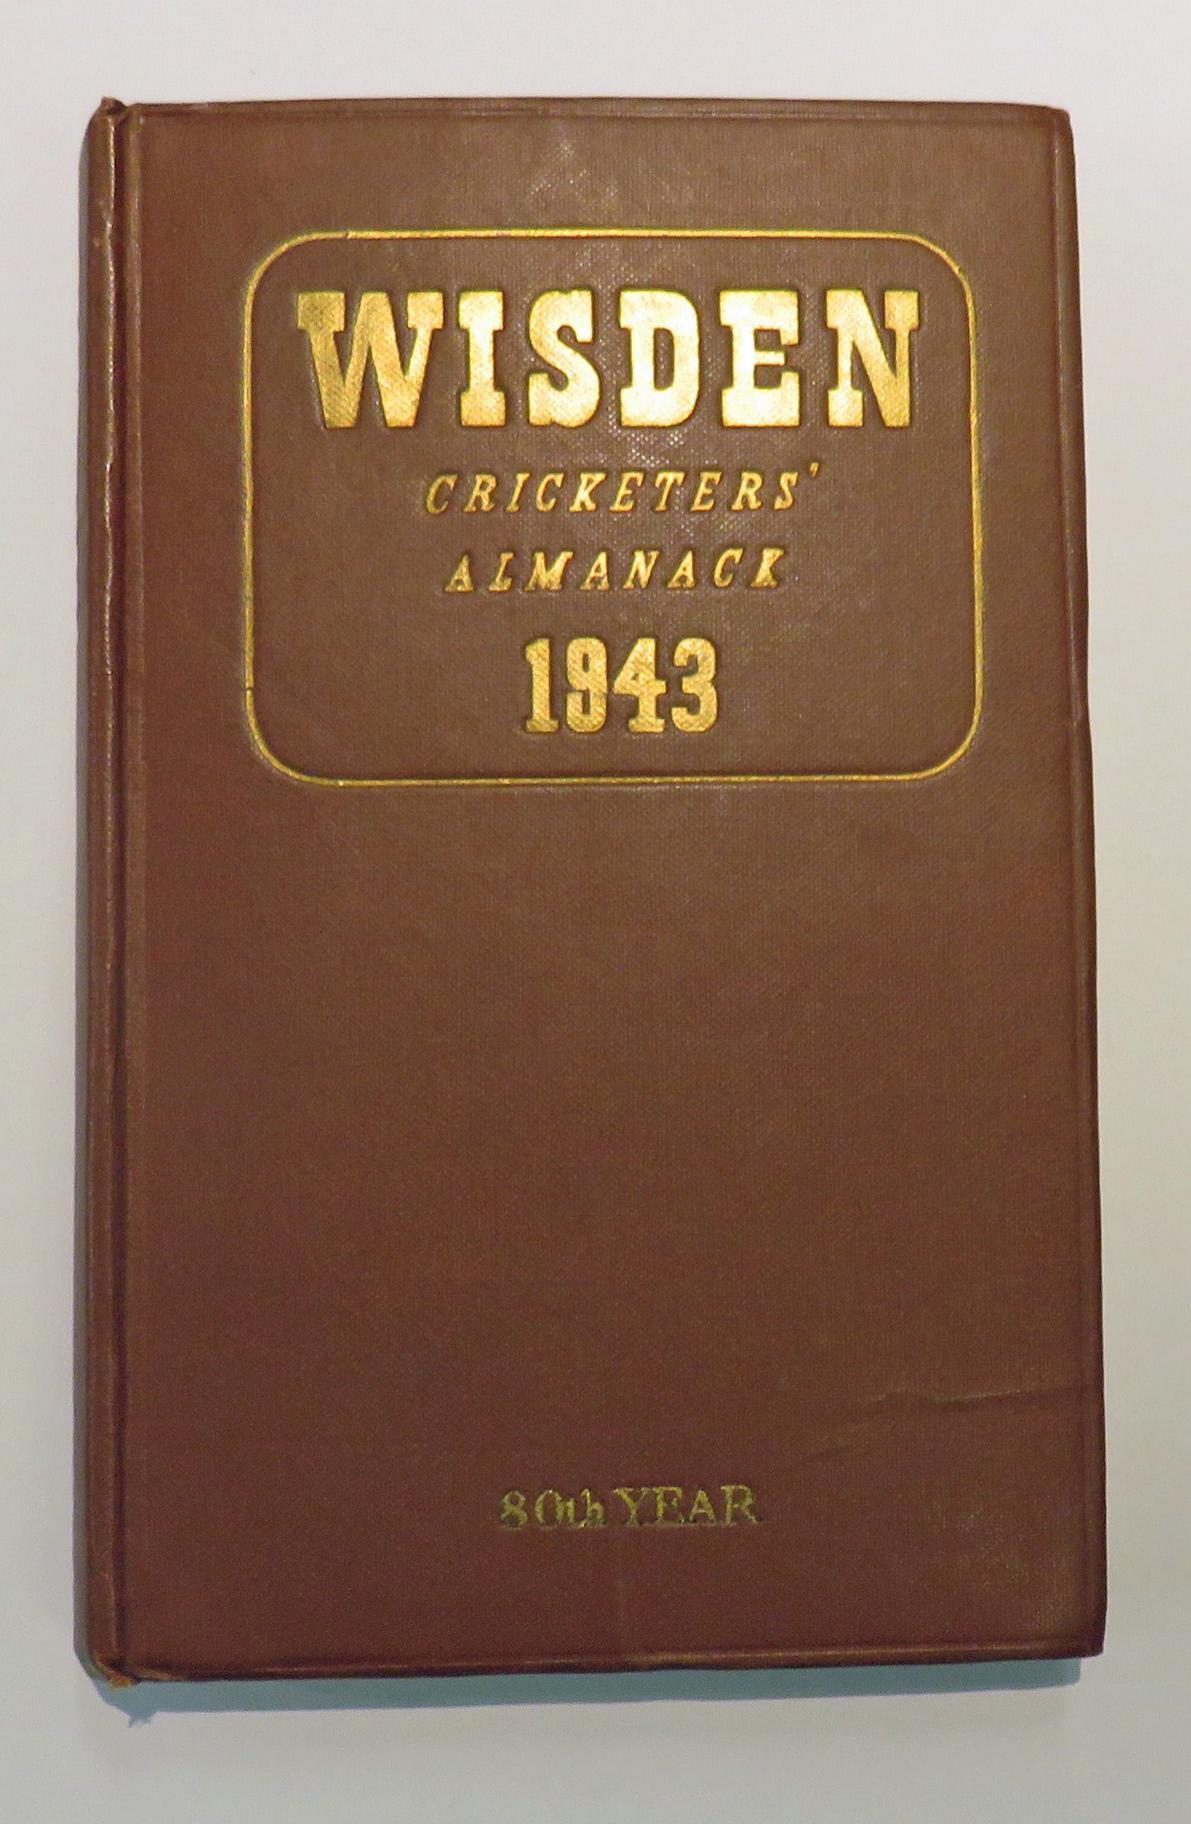 **Wisden's Cricketers' Almanack For 1943**